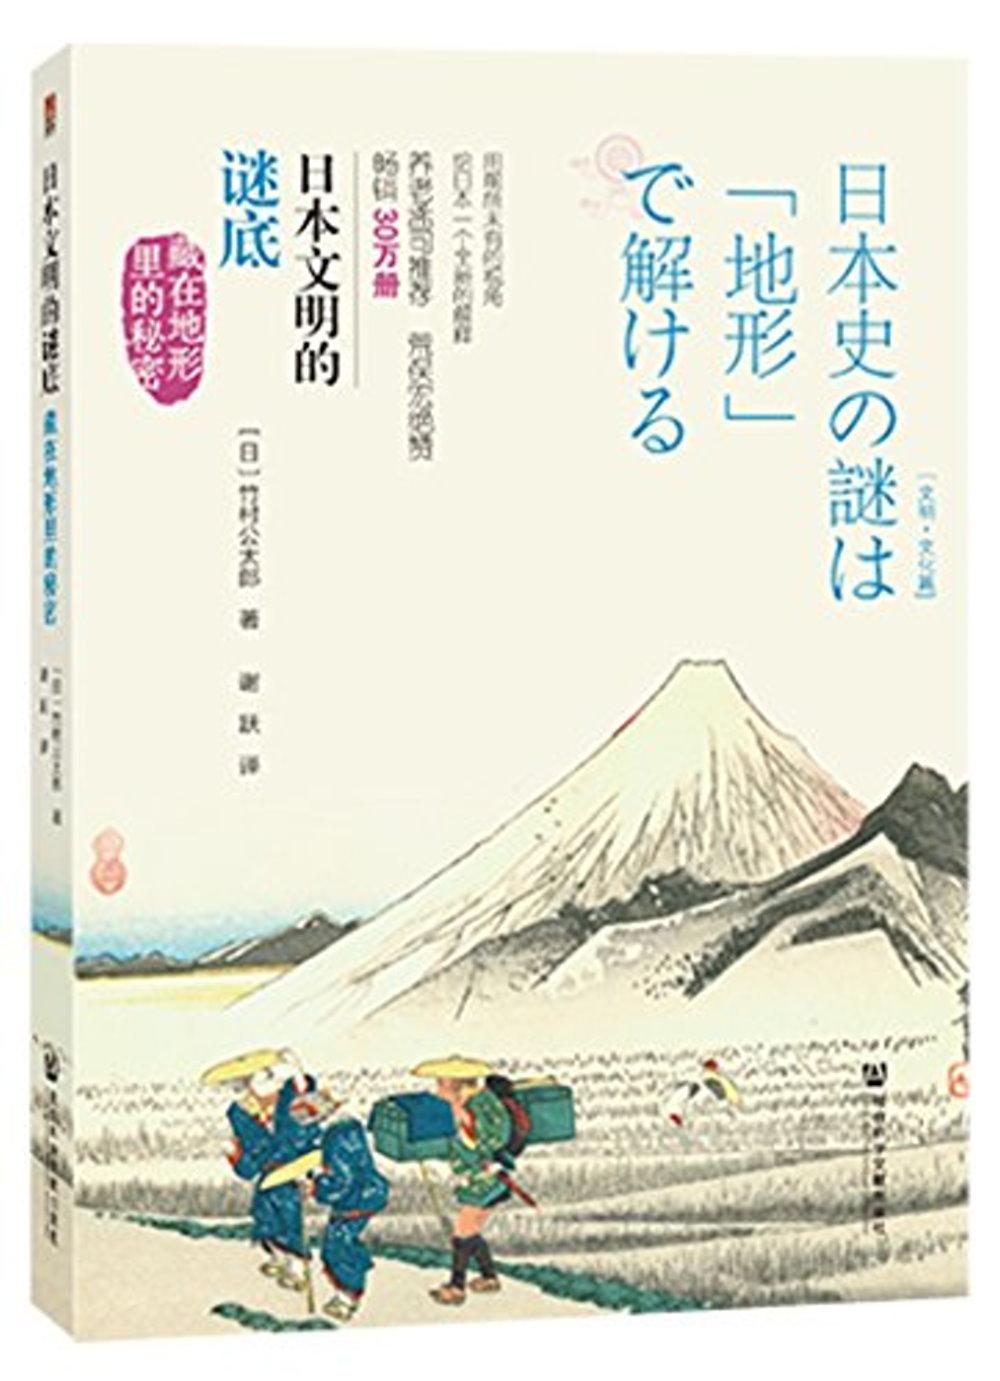 日本文明的謎底:藏在地形里的秘密